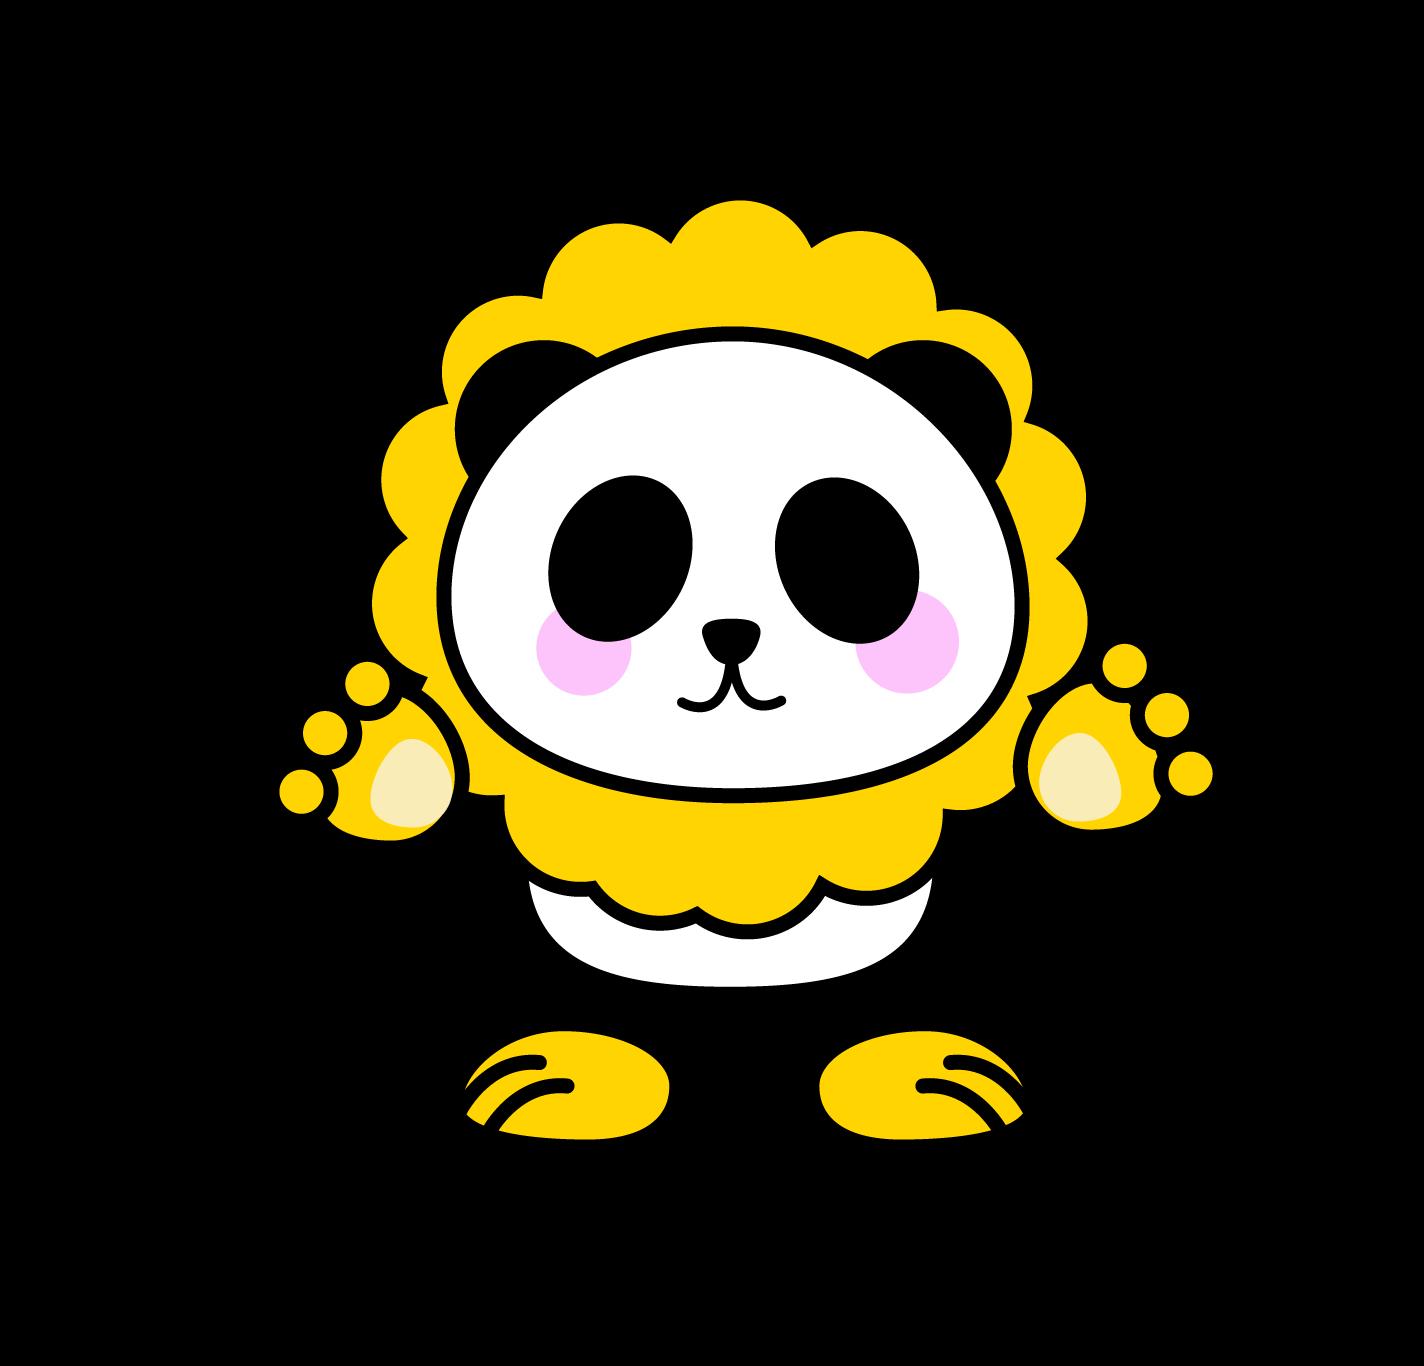 panda-lion